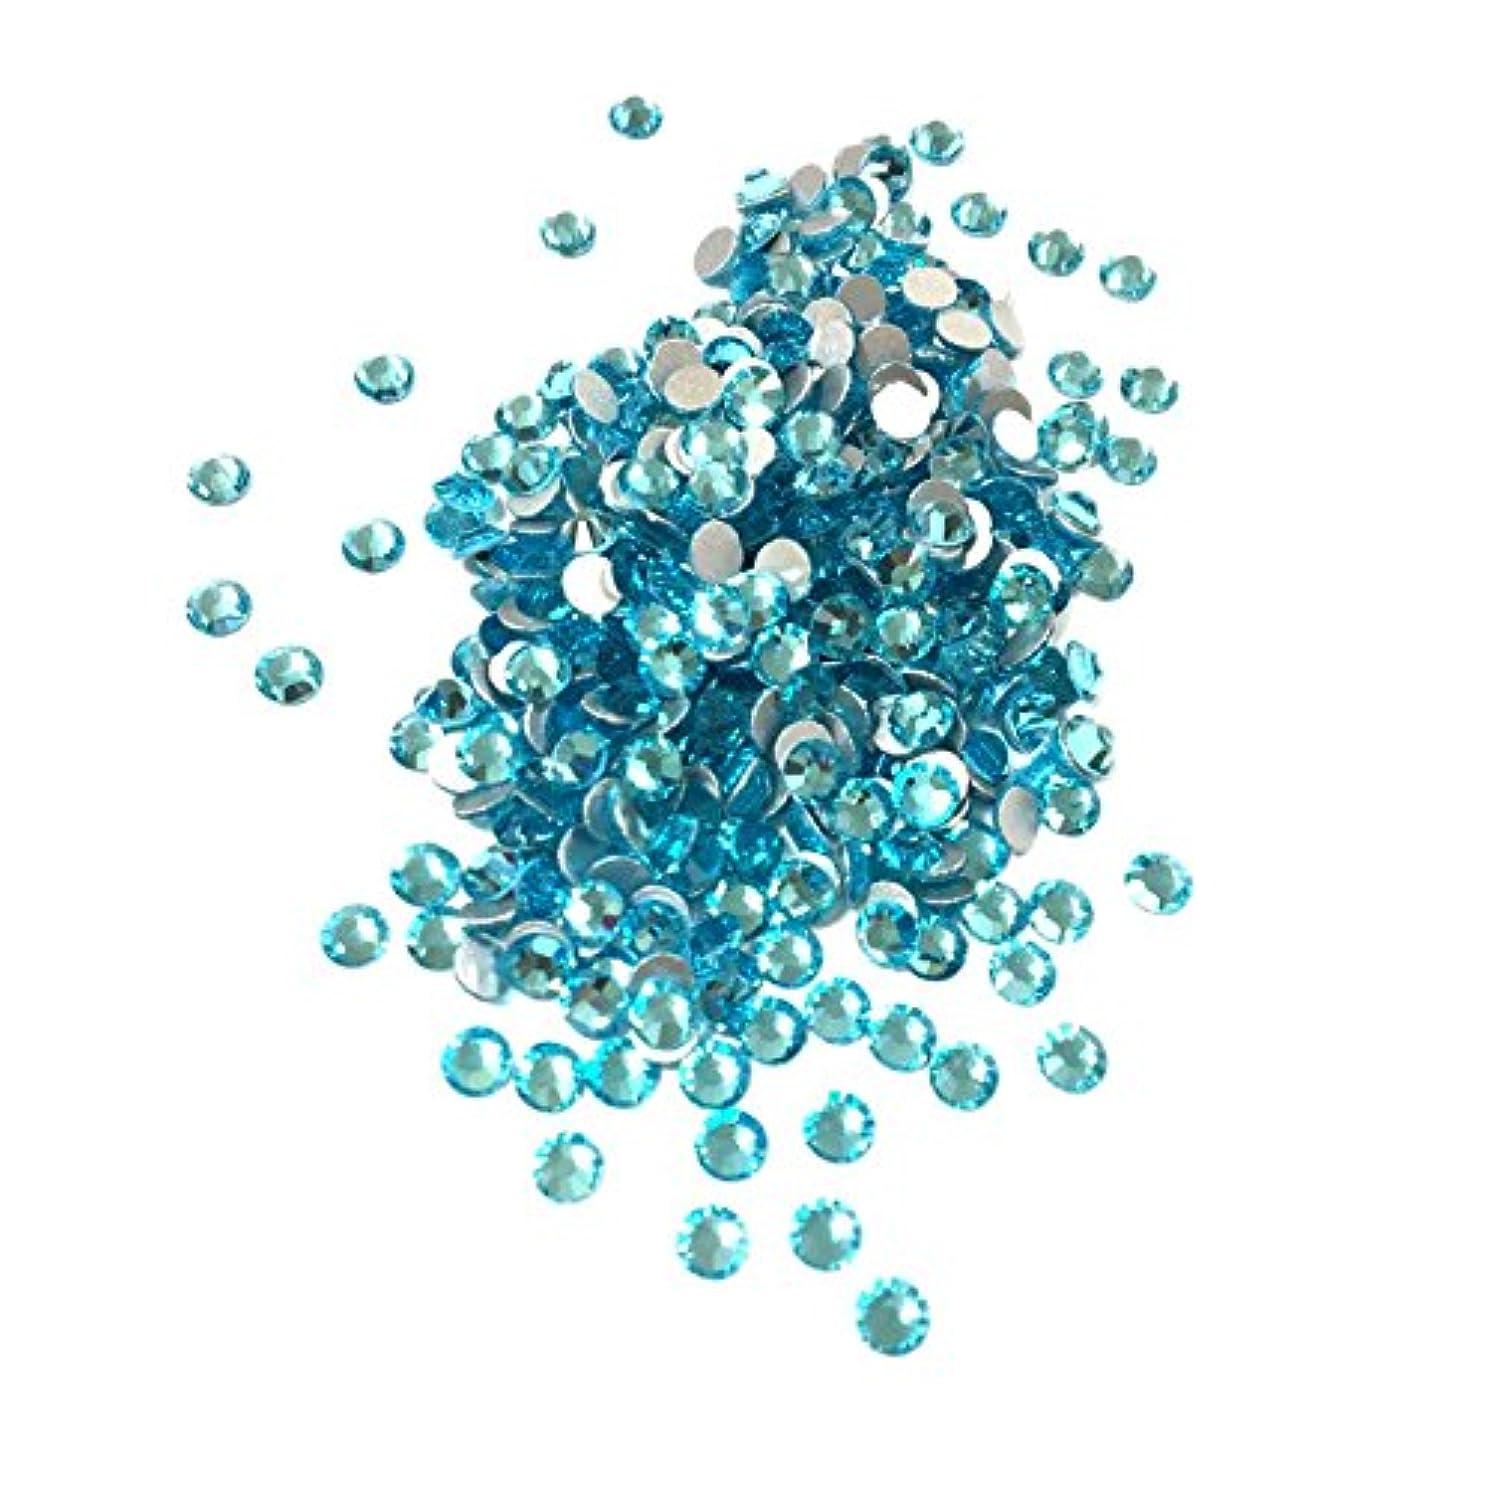 波紋臭い前【ネイルウーマン】最高品質ガラスストーン!スワロ同等の輝き! アクアマリン 水色 ライトブルー (約100粒入り) (SS16, アクアマリン)